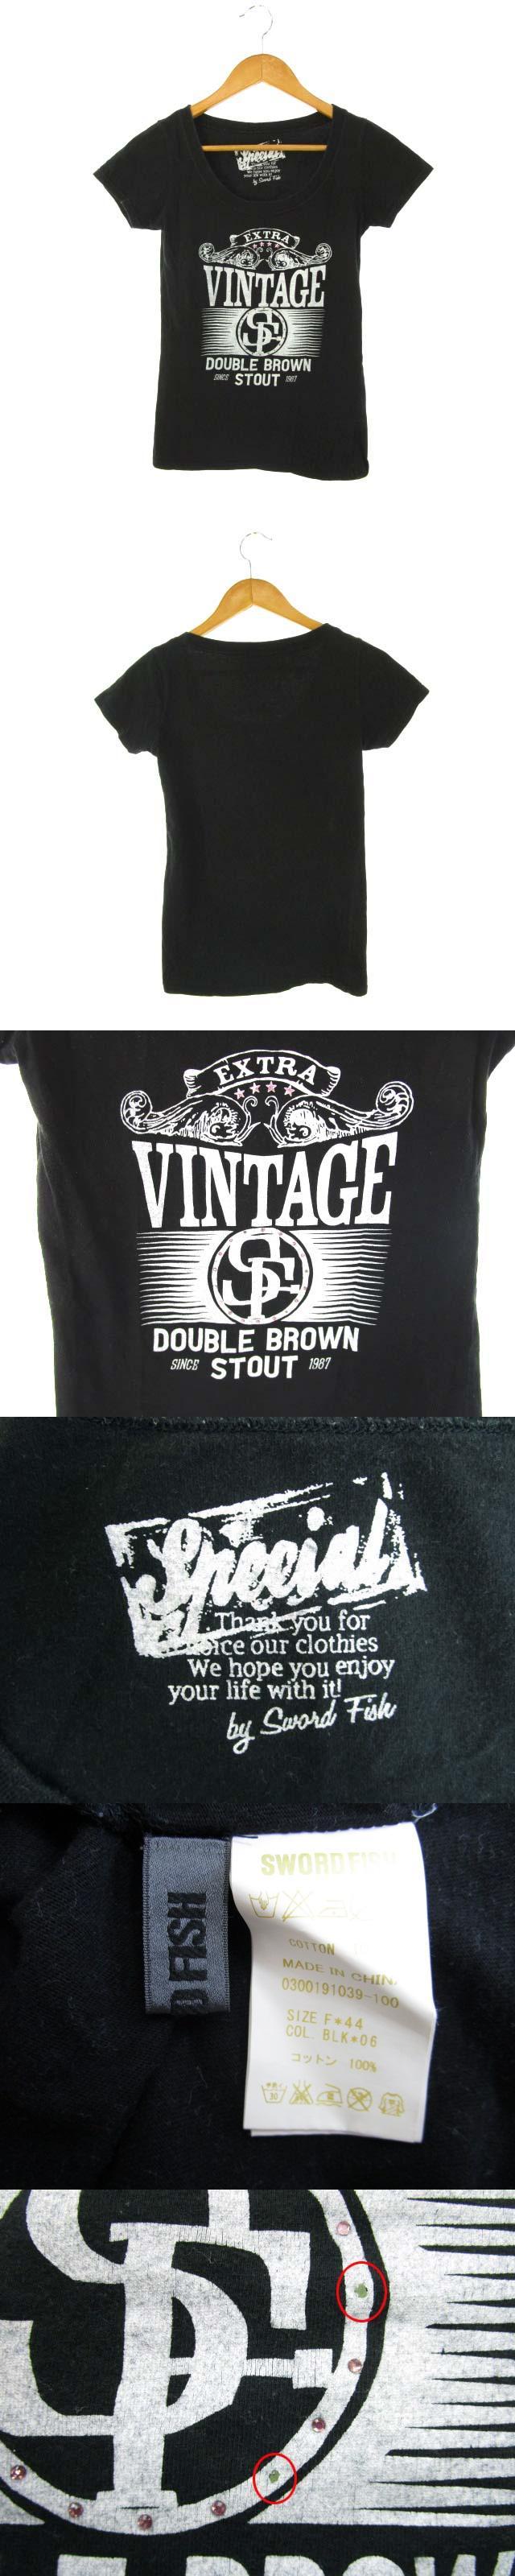 Tシャツ カットソー トップス 半袖 プリント 黒 ブラック F